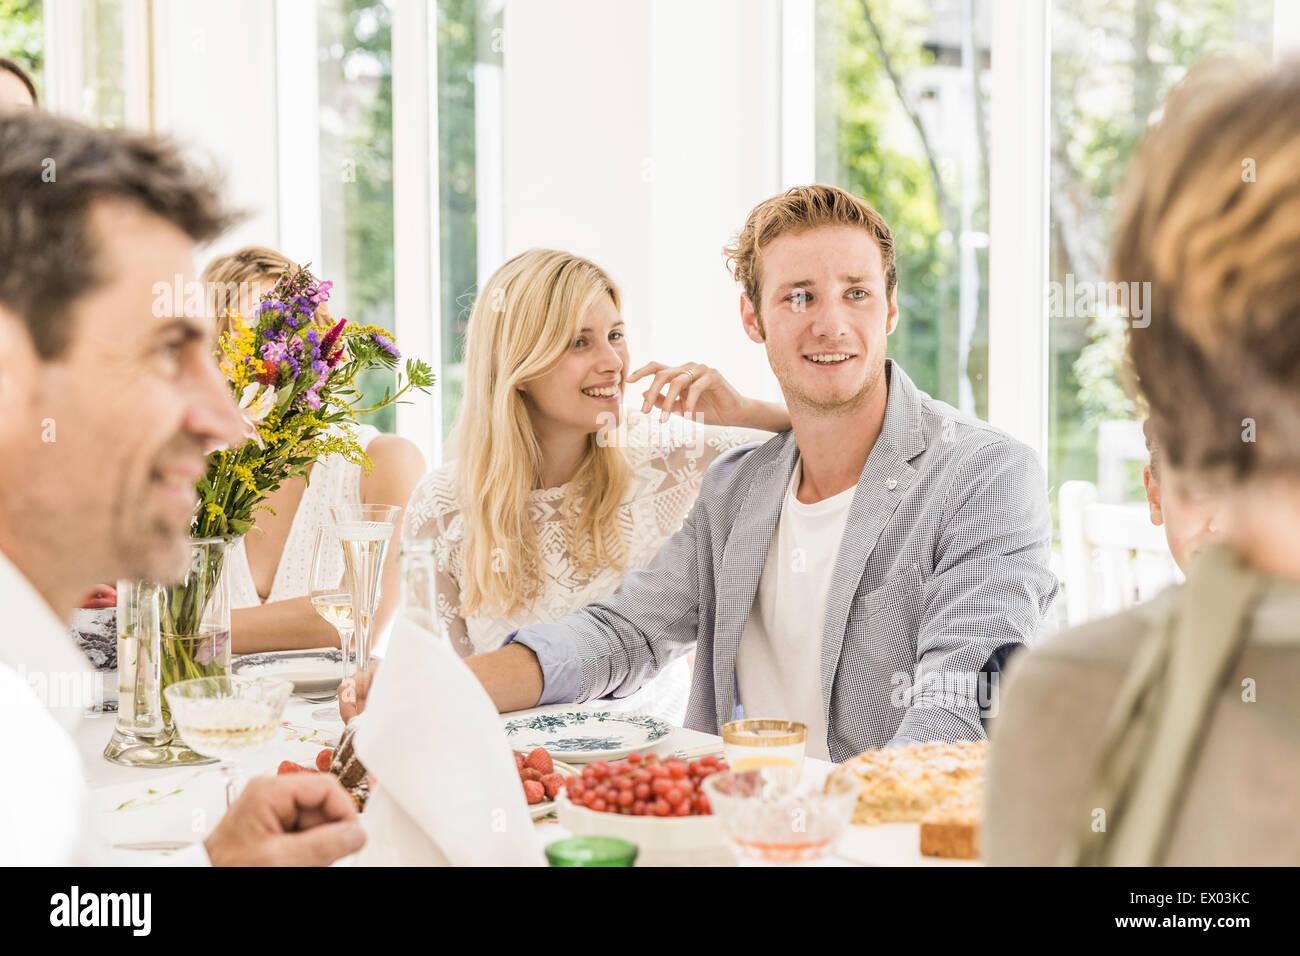 Los adultos de la familia conversando en la mesa de fiesta de cumpleaños Imagen De Stock